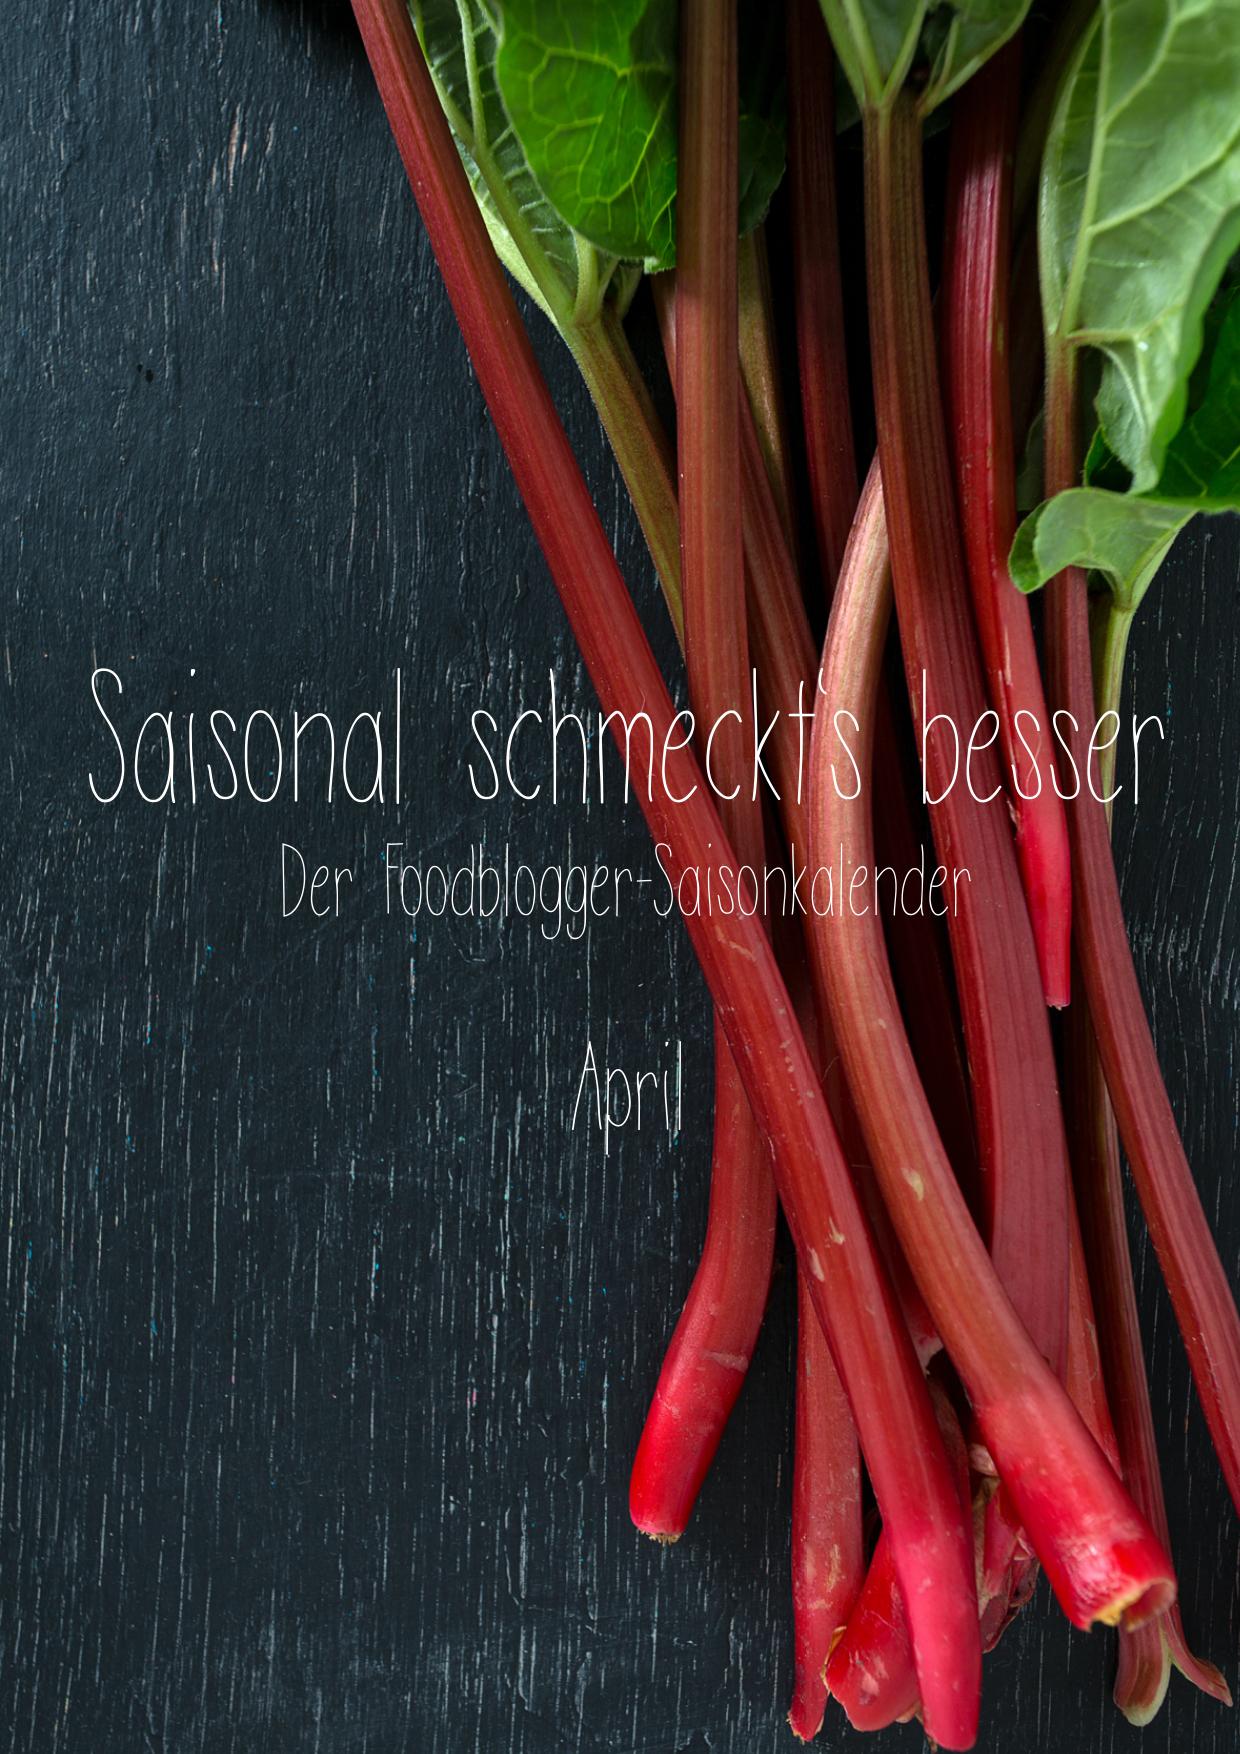 Saisonal-schmeckts-besser-april